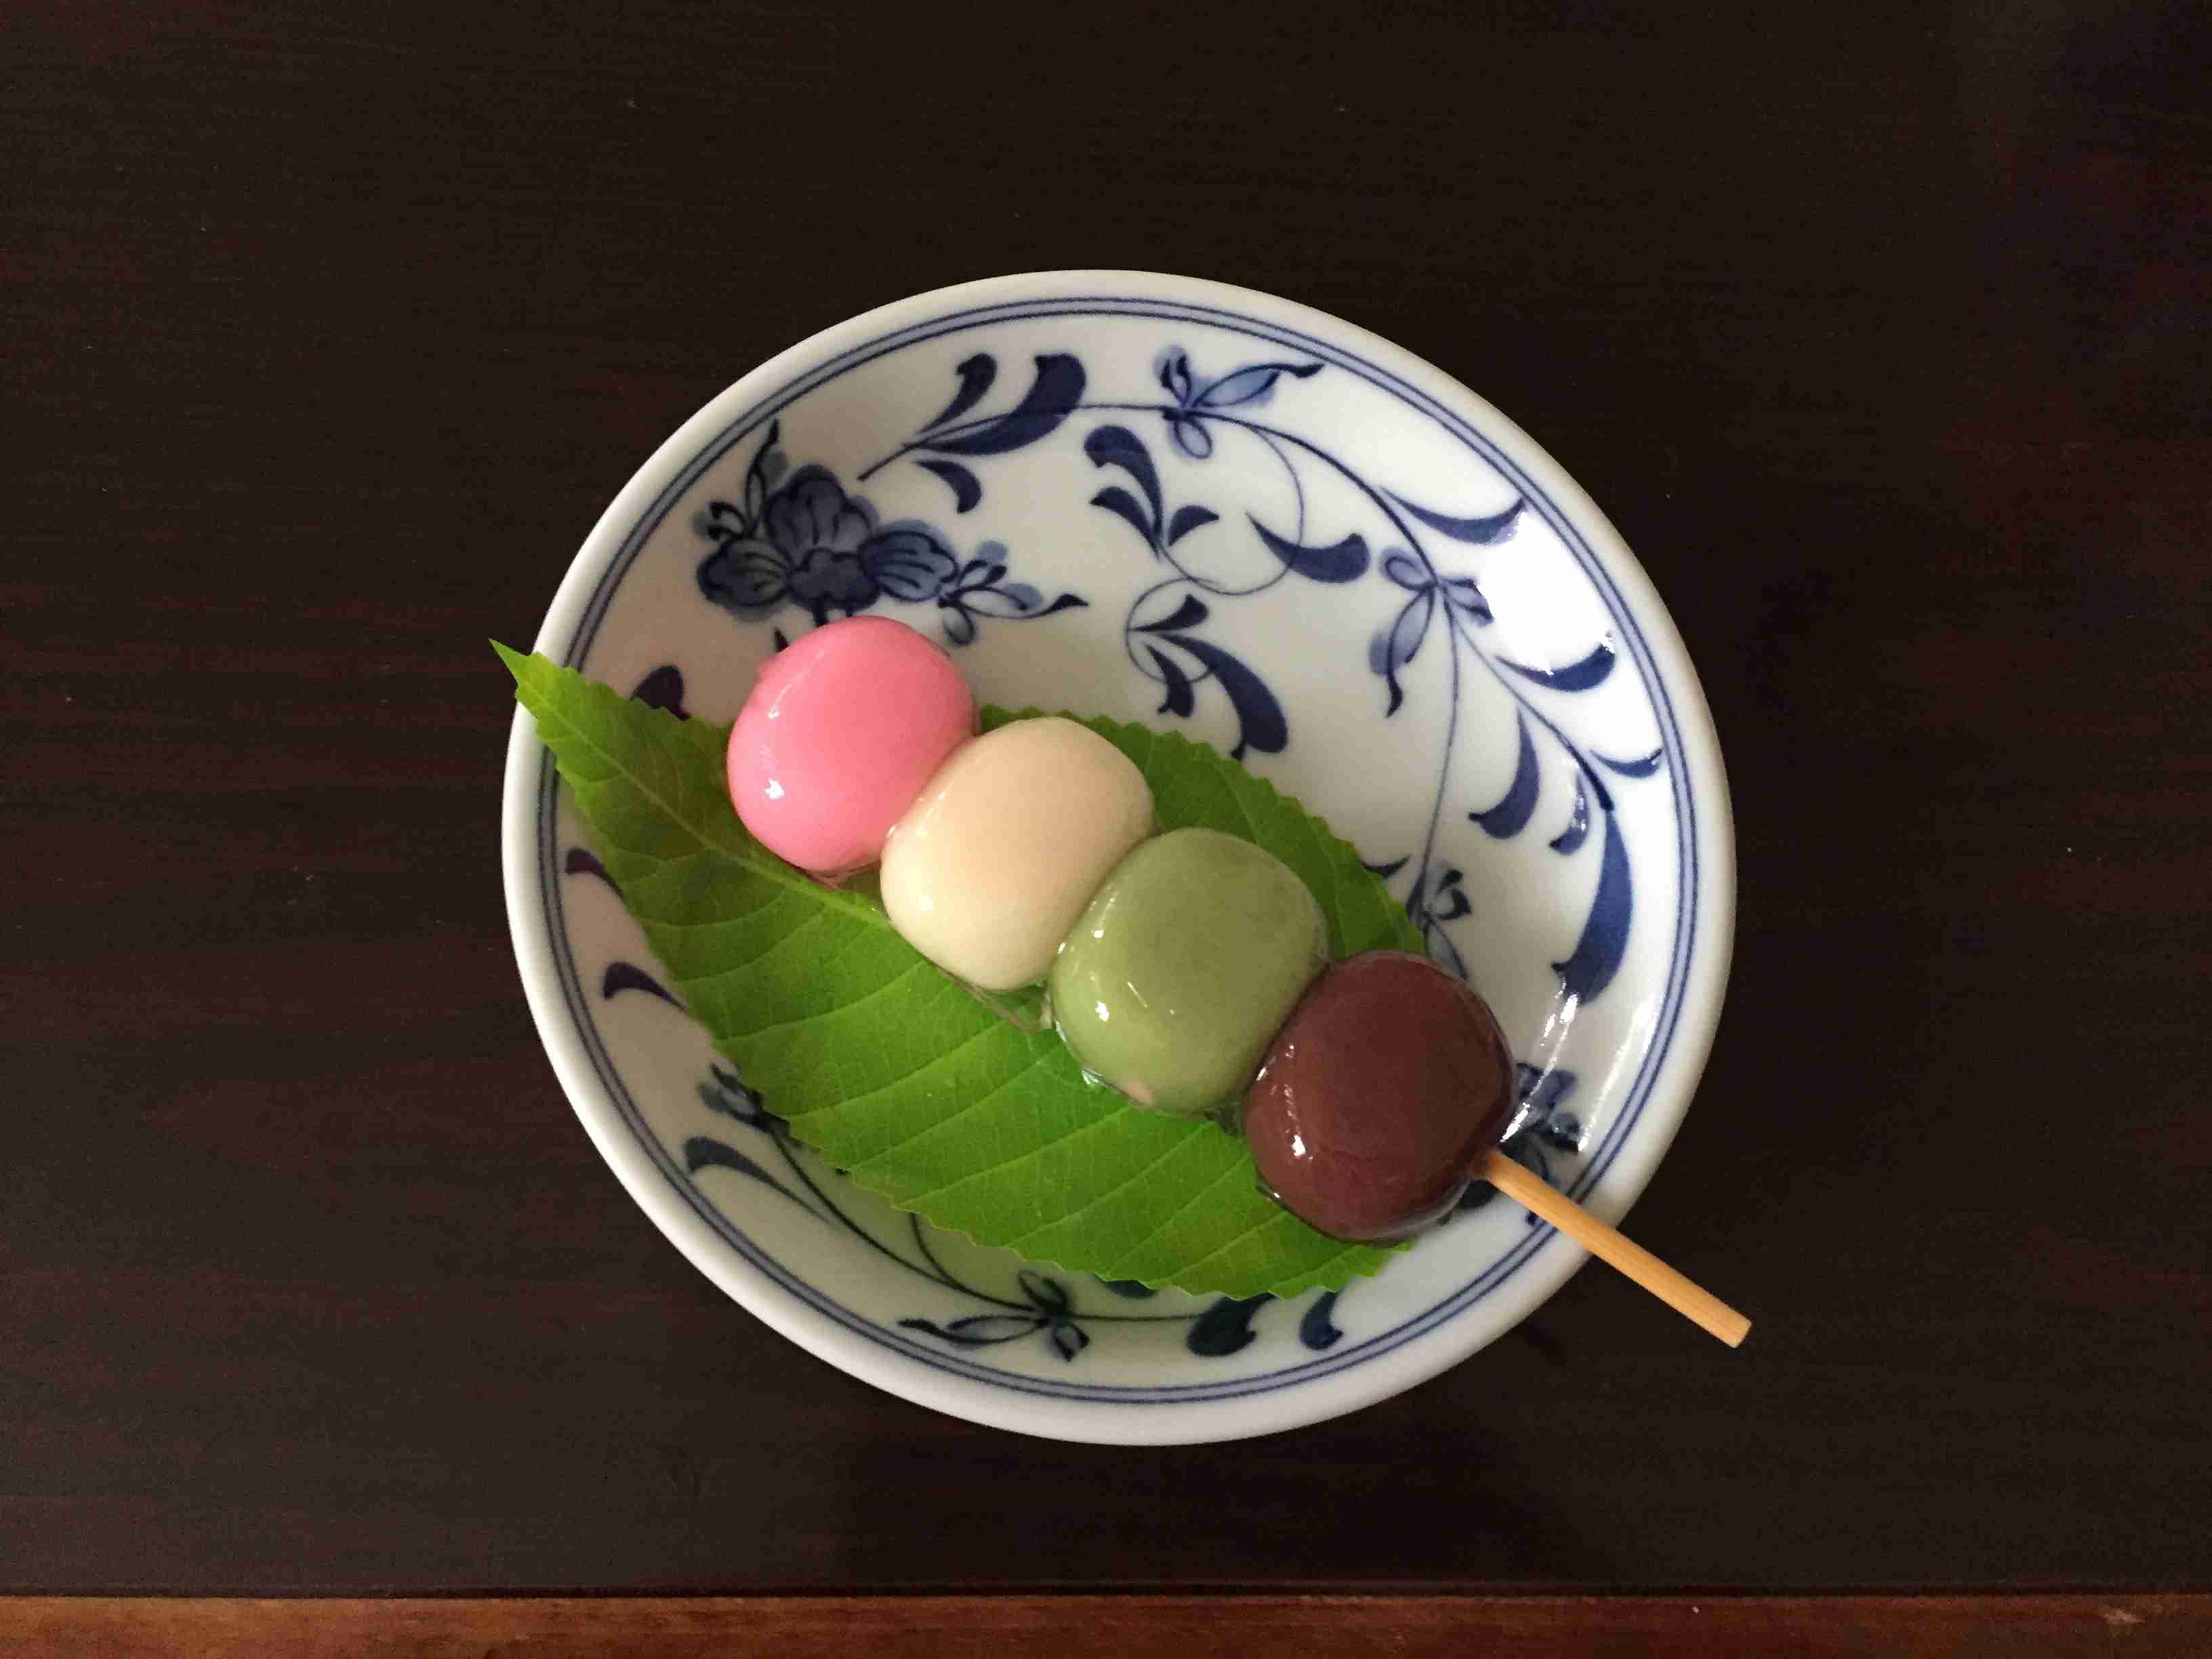 美味しそうに撮れた食べ物や飲み物の画像を載せるトピ